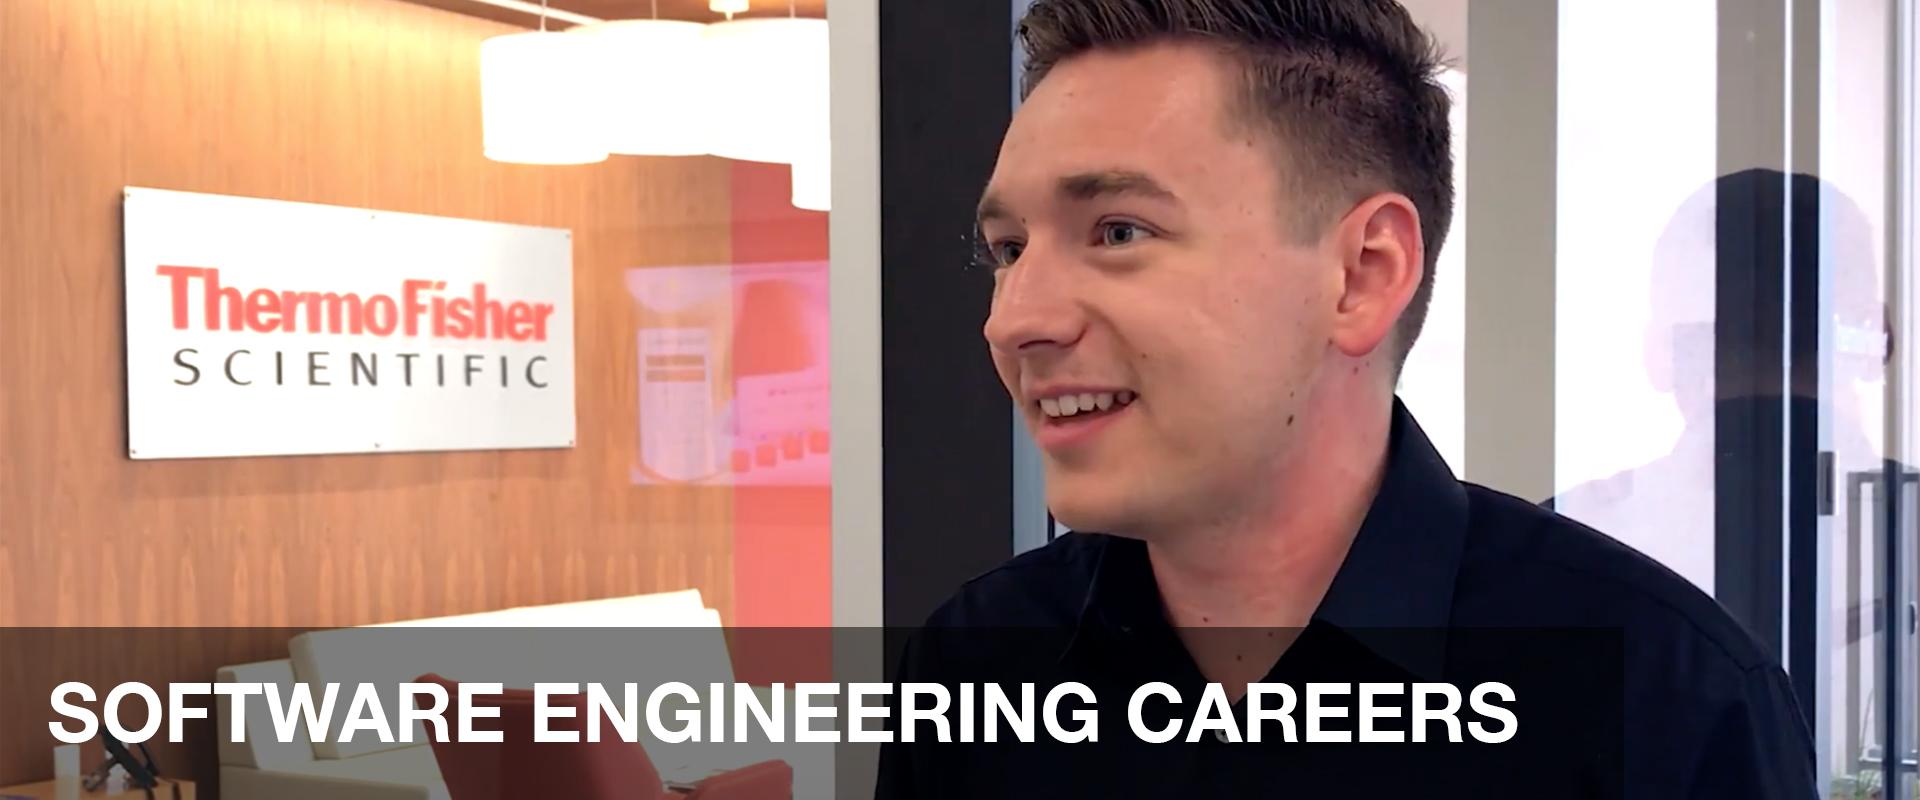 软件工程职业